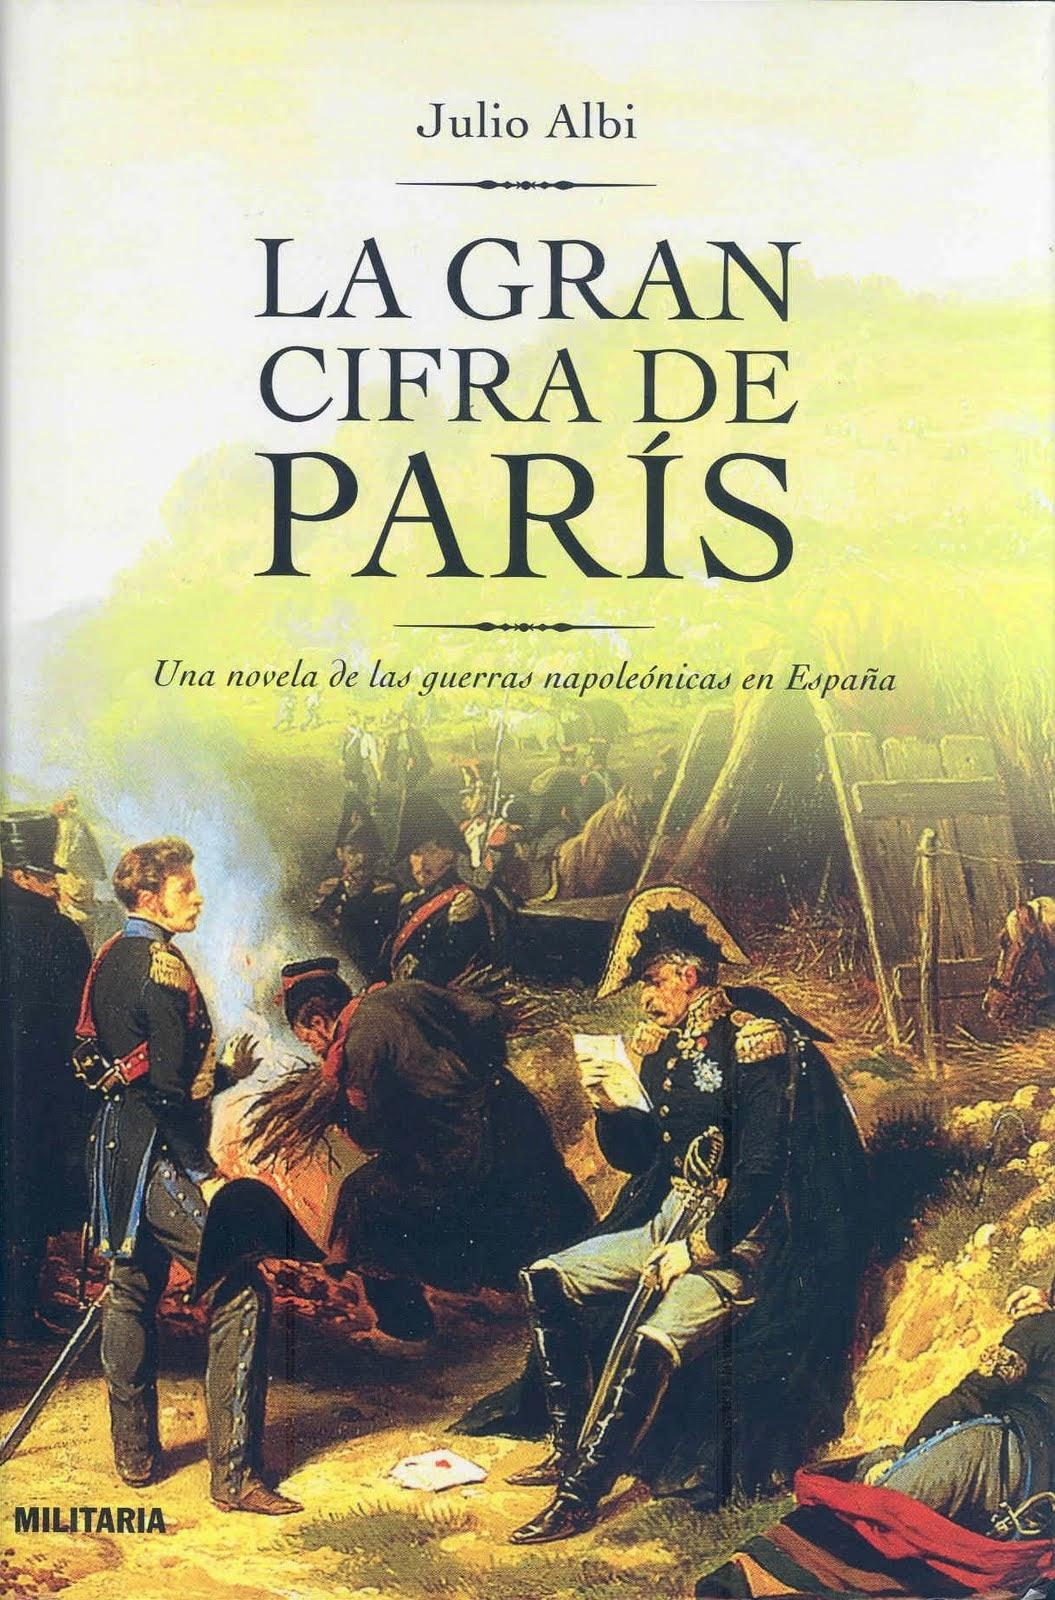 La gran cifra de París - Julio Albi (2007)